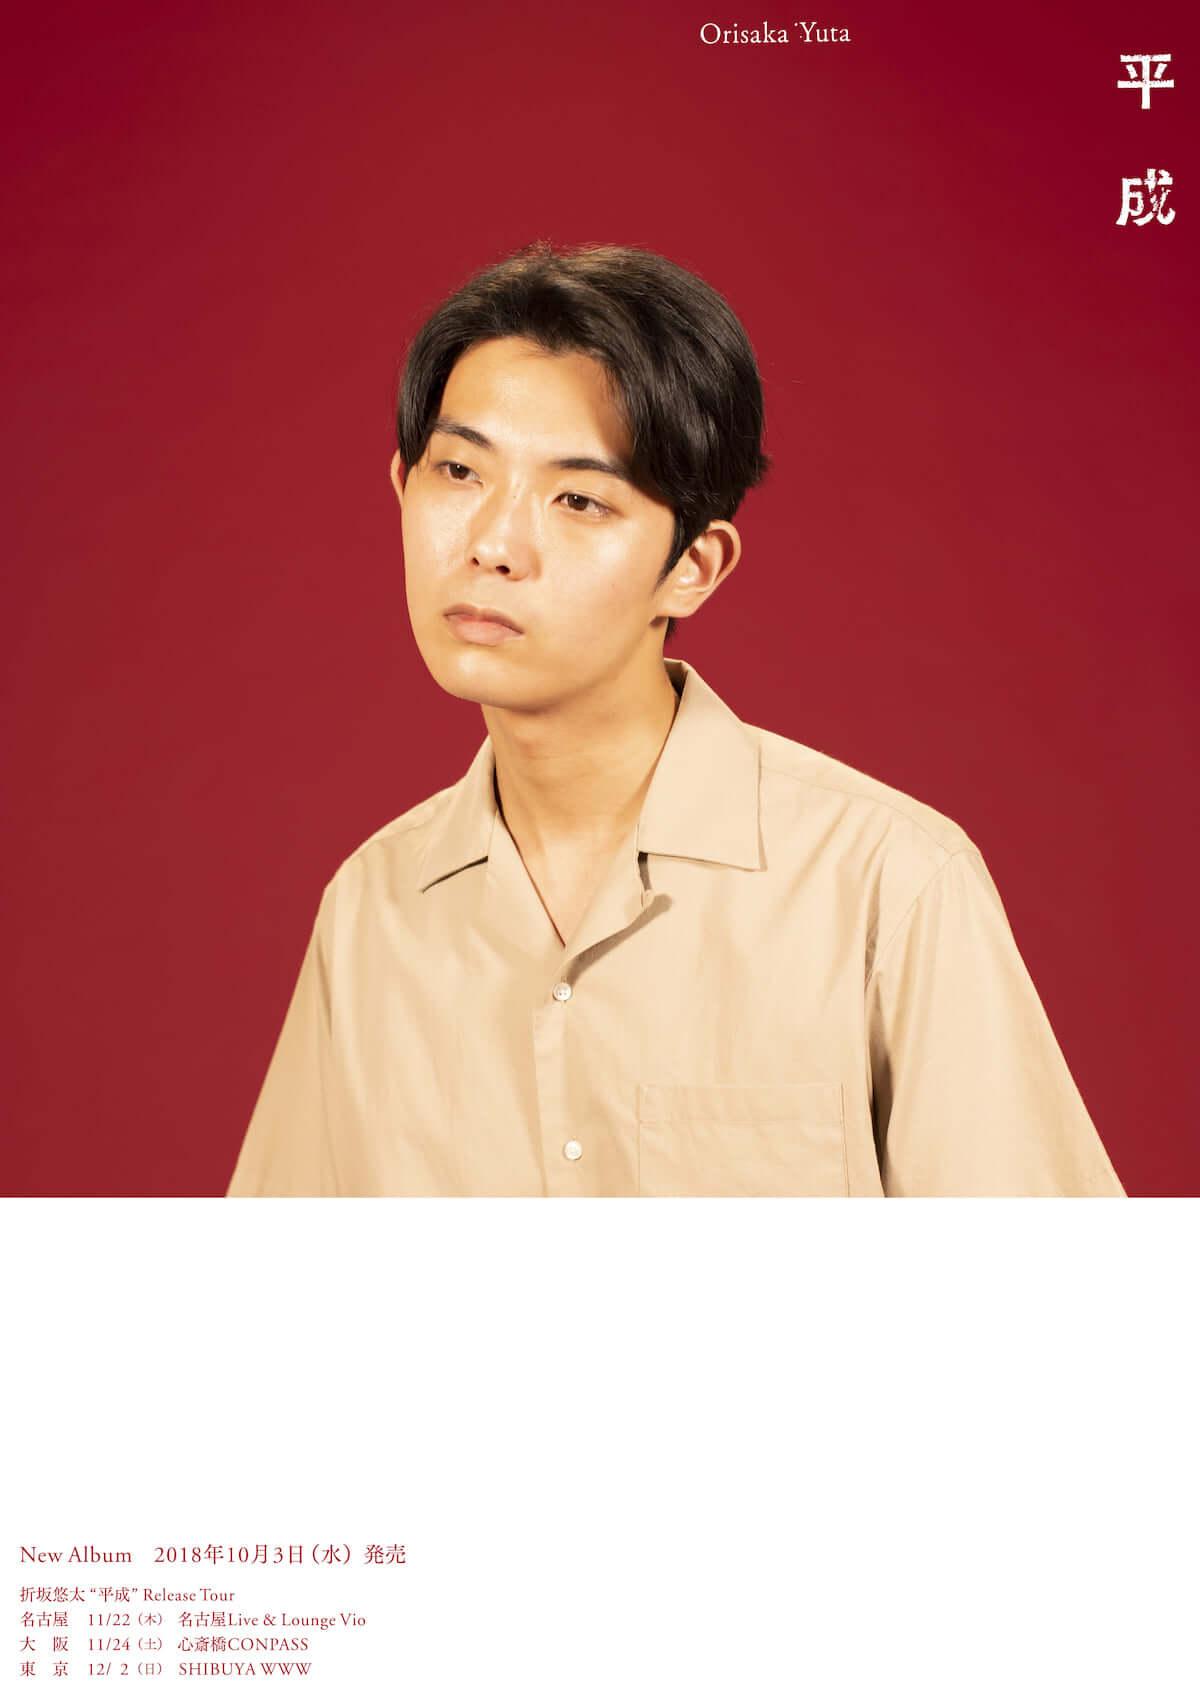 折坂悠太、10月にリリースの新作よりRAMZAを招いて制作した表題曲「平成」のMVを公開 music180928-orisakayuta-1-1200x1696